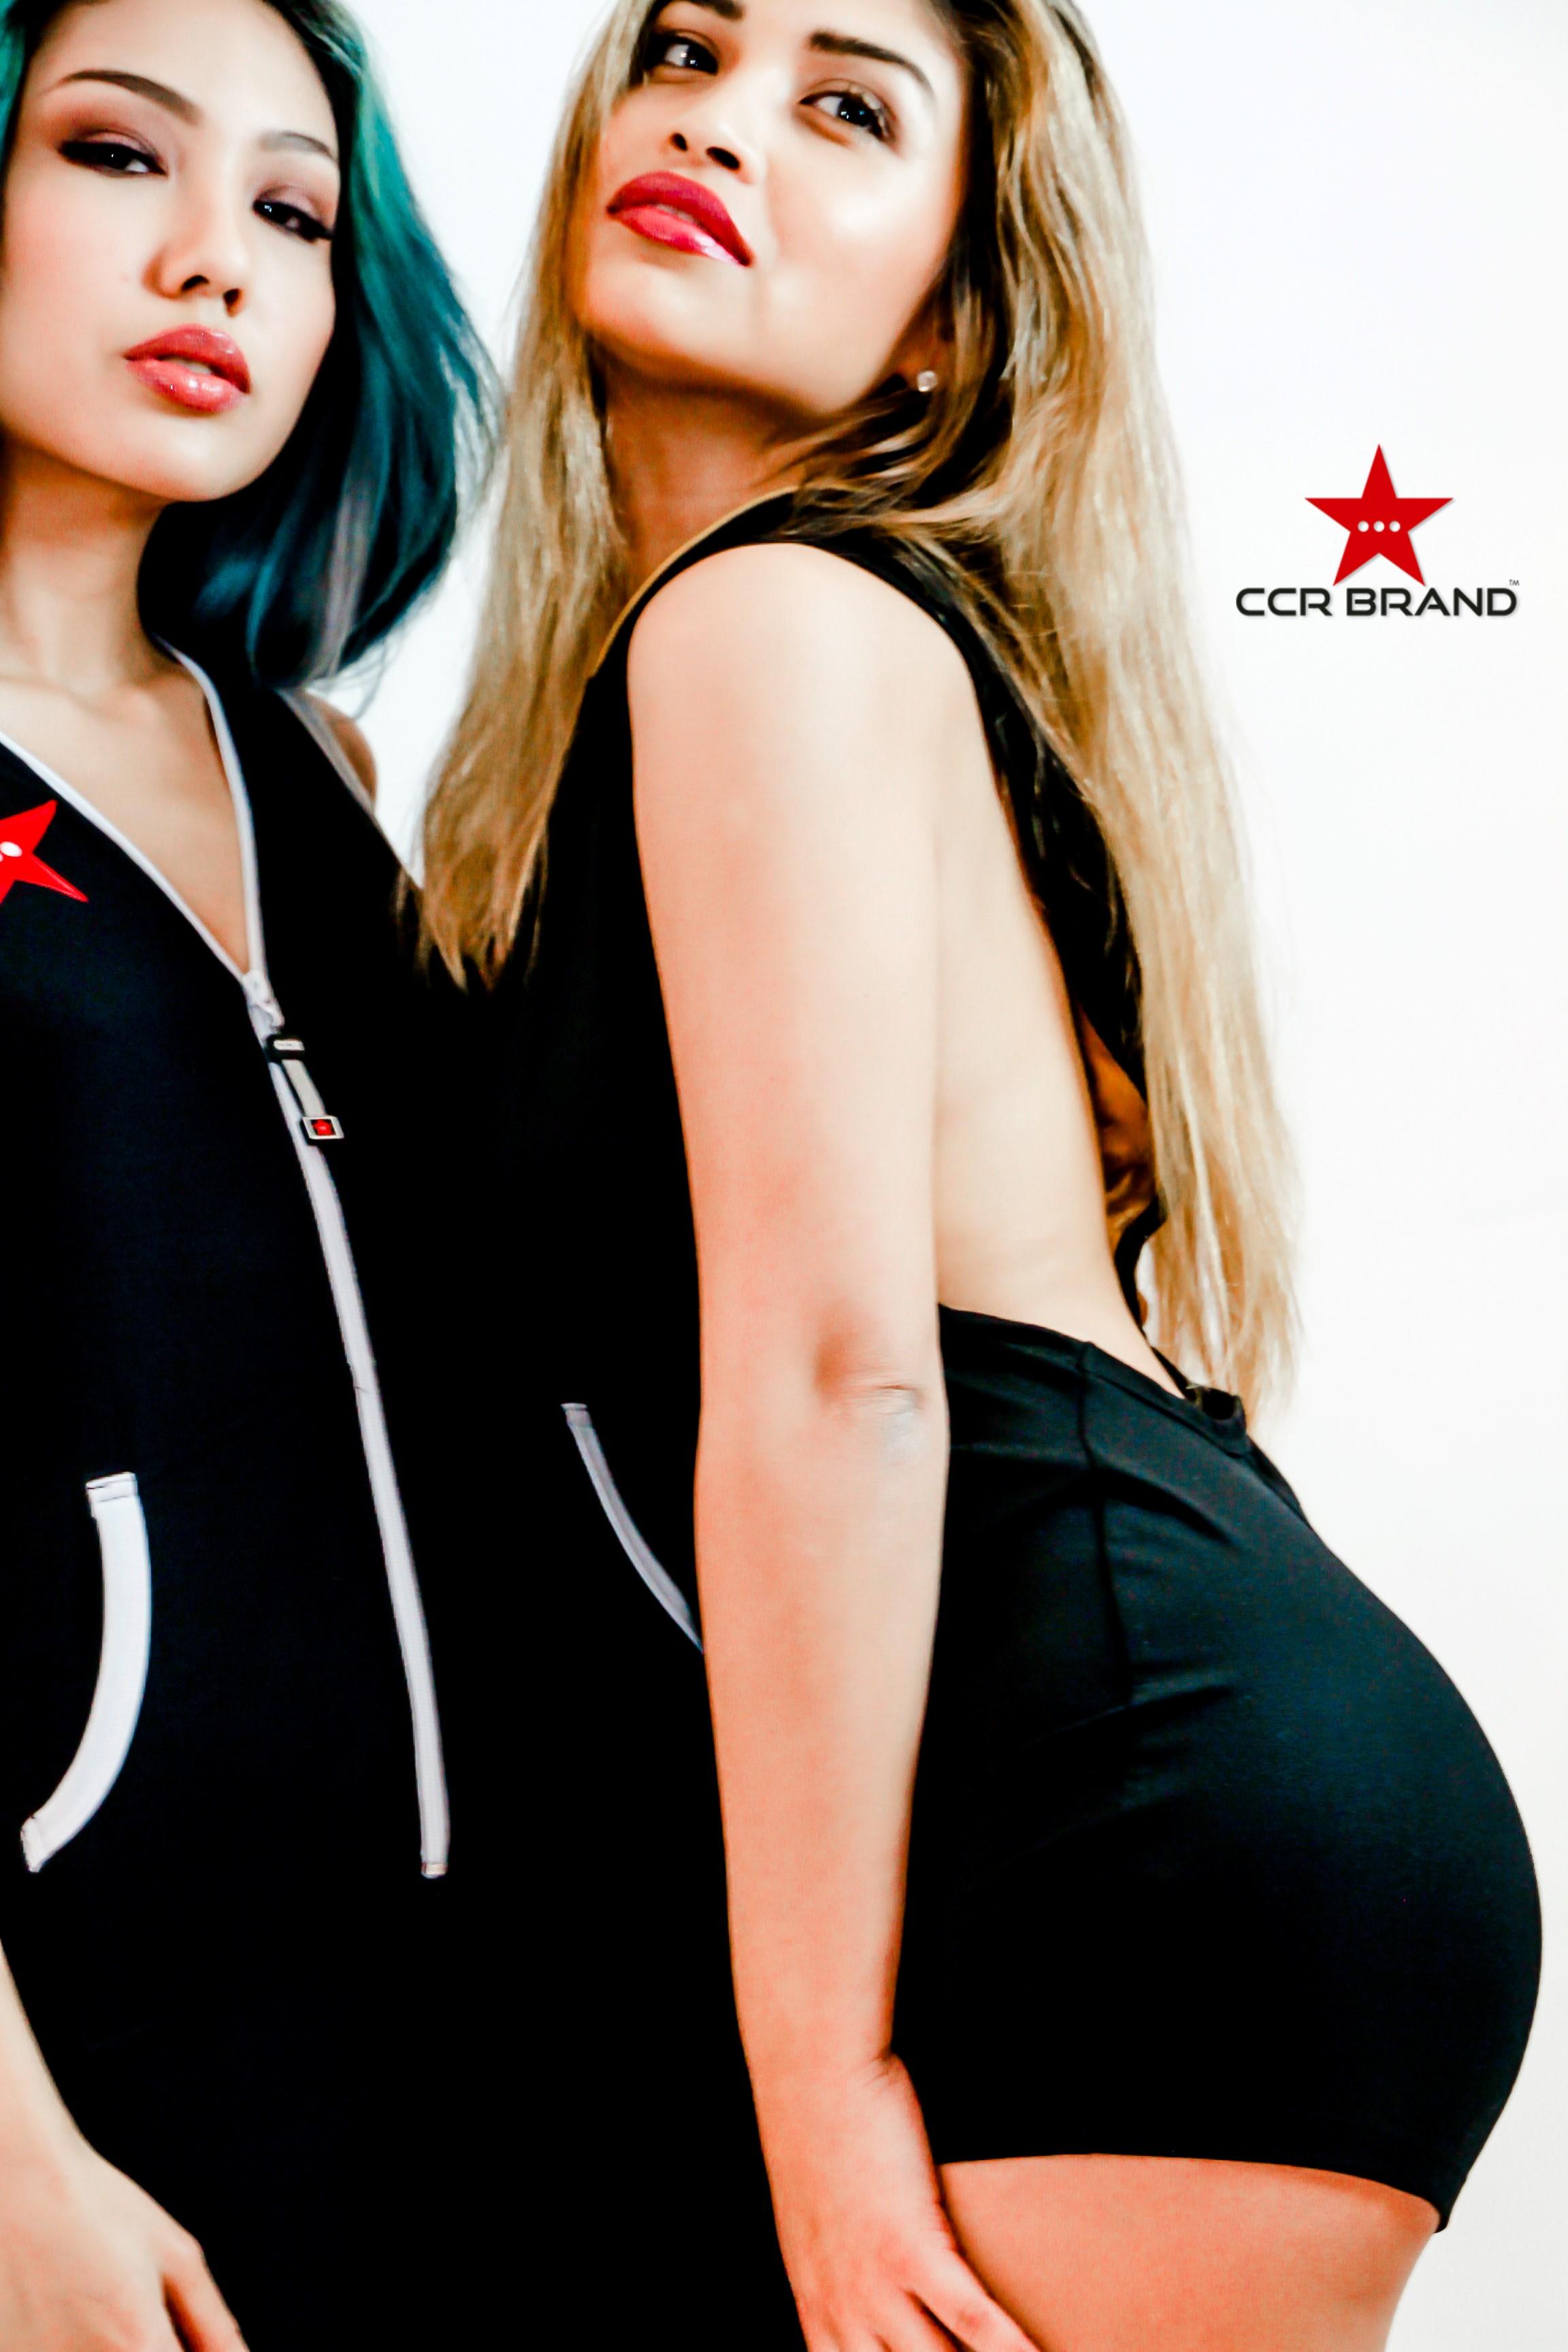 CCR Brand logo1 Butt Love